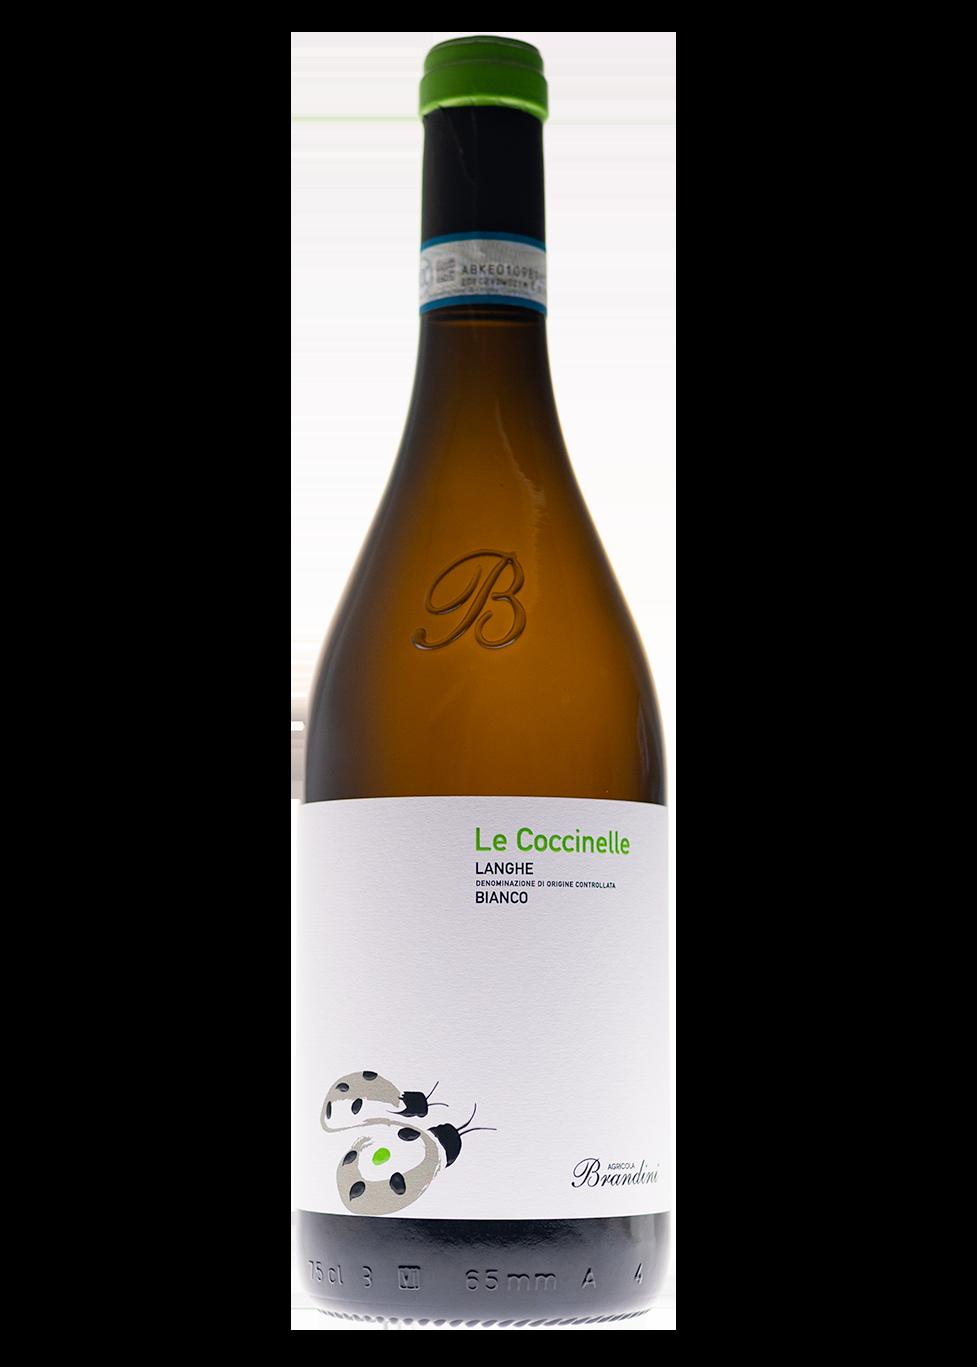 Brandini Langhe Bianco le Coccinelle 2018-1